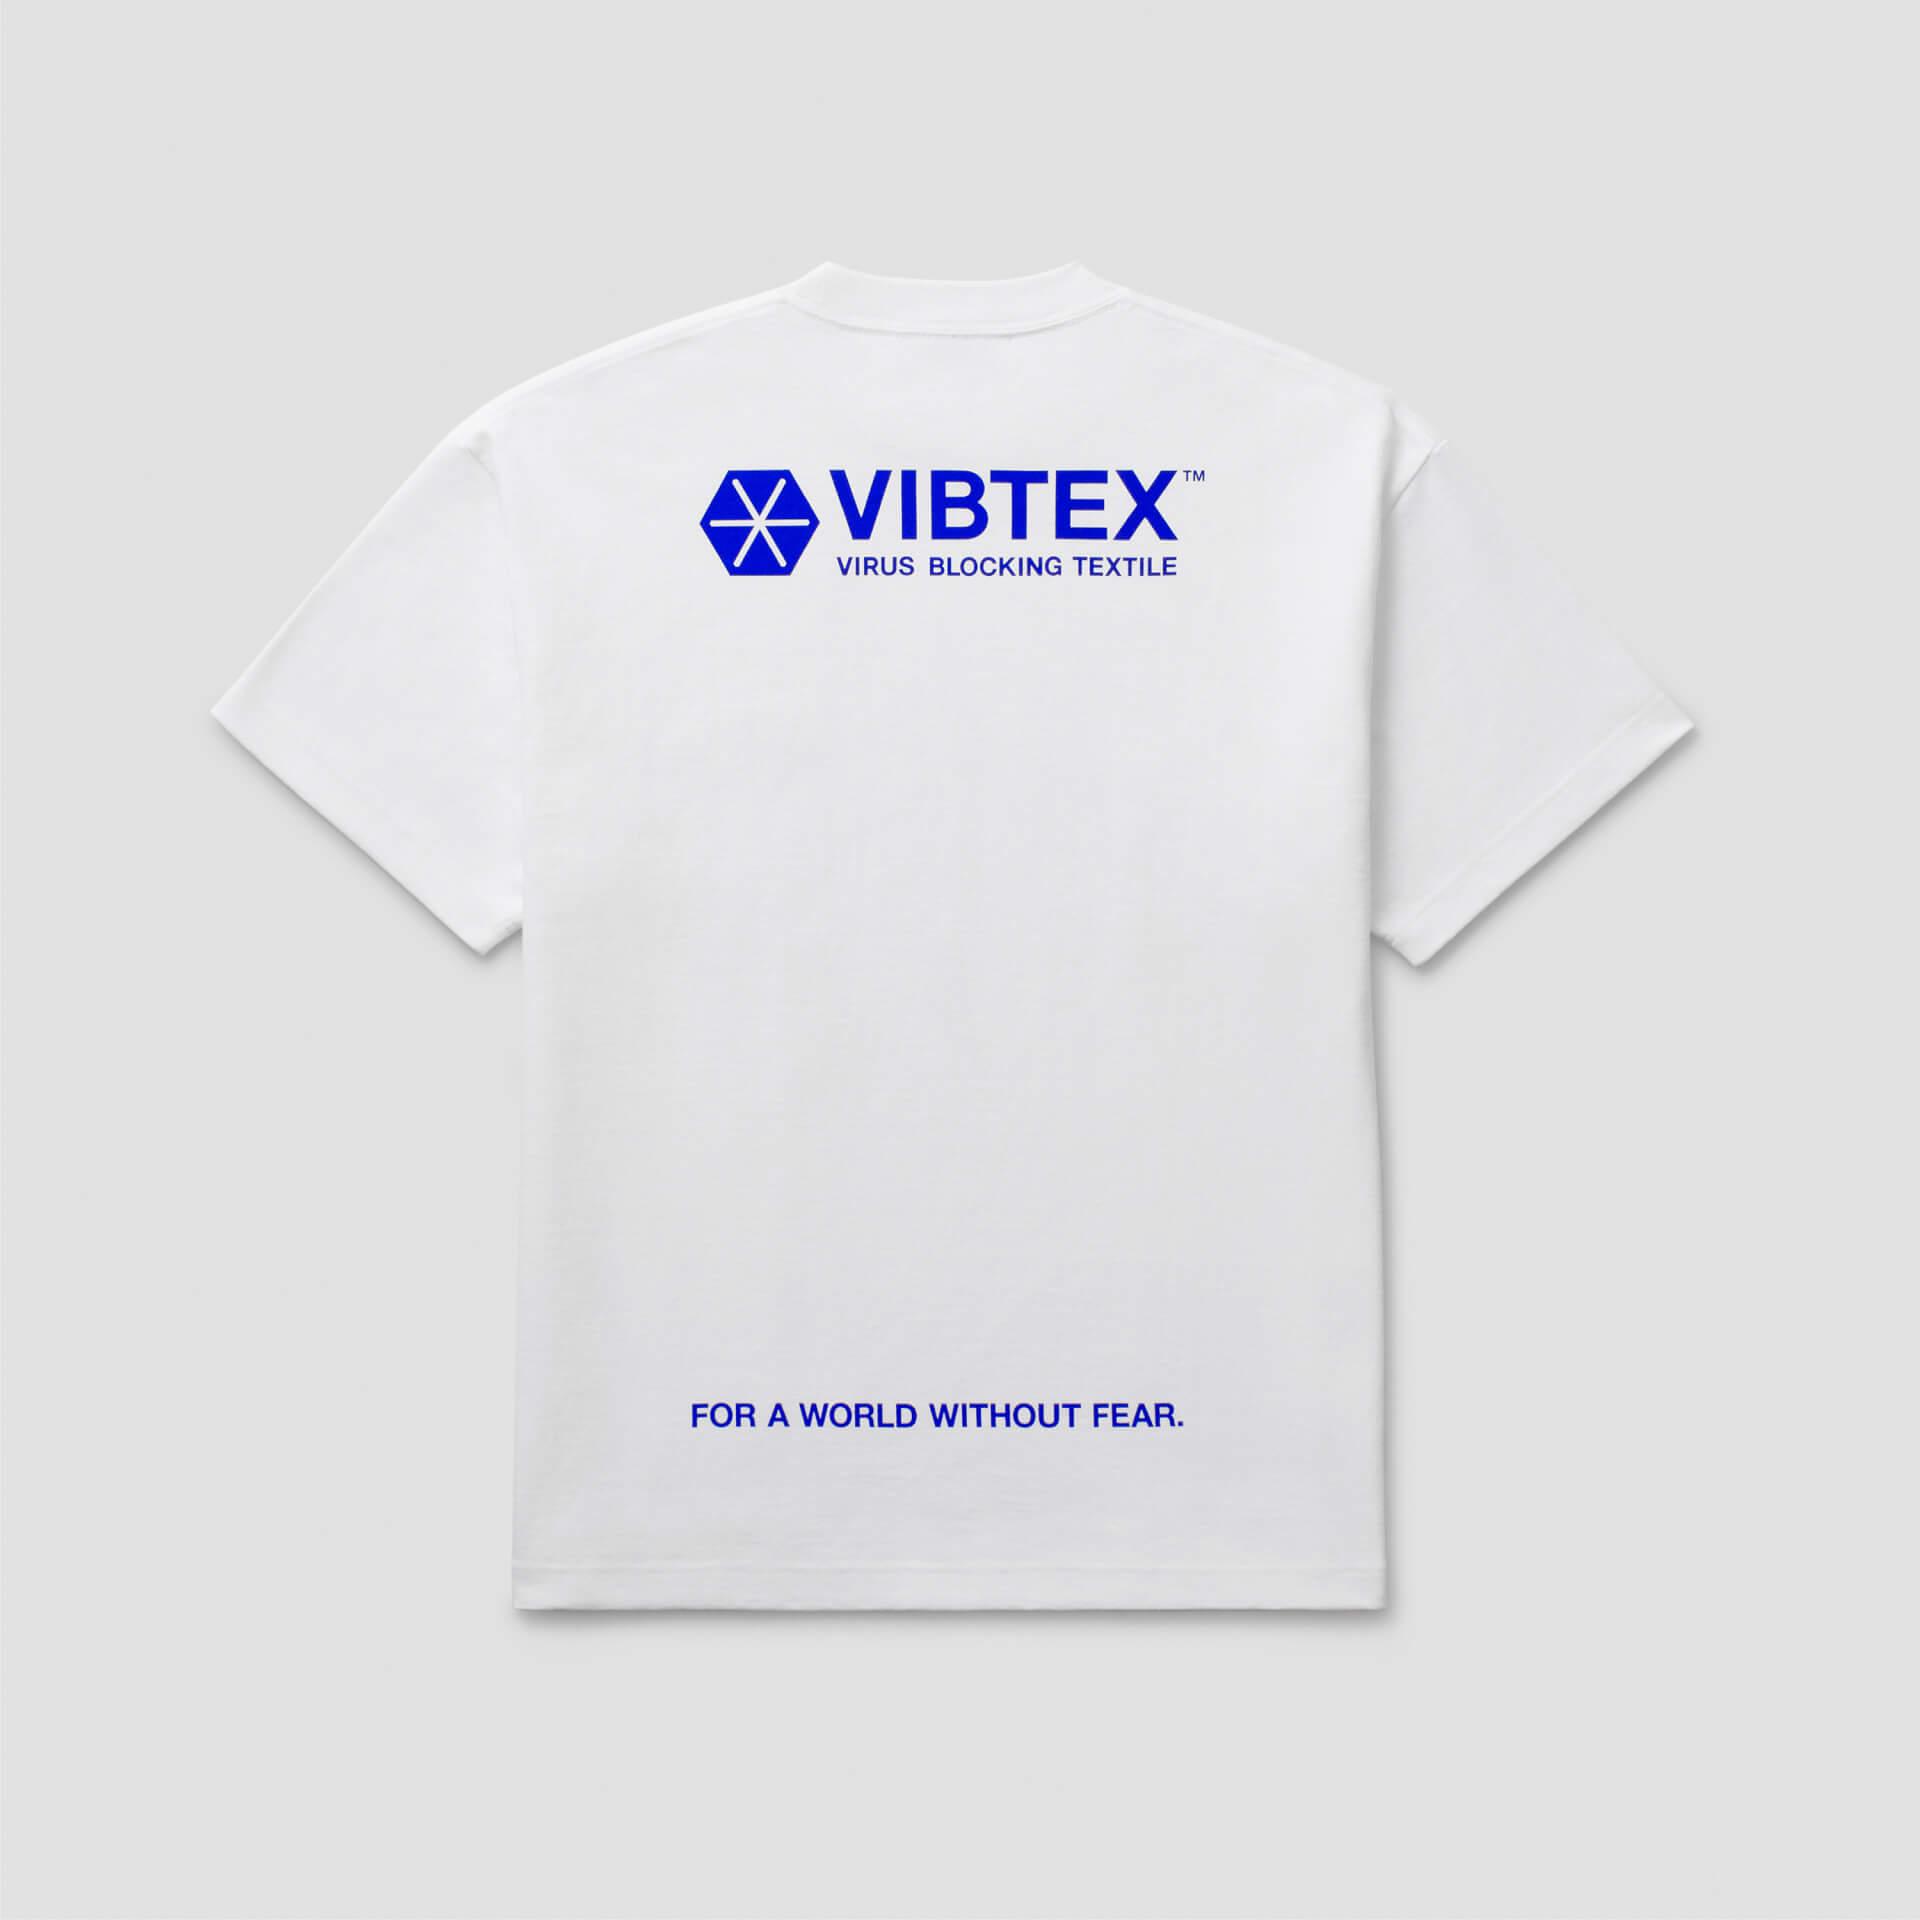 日本初の抗ウイルス機能を備えたアイテムが満載!「VIBTEX™」が誕生&コンセプトビジュアルにchelmico就任 fashion2020910-vibtex41